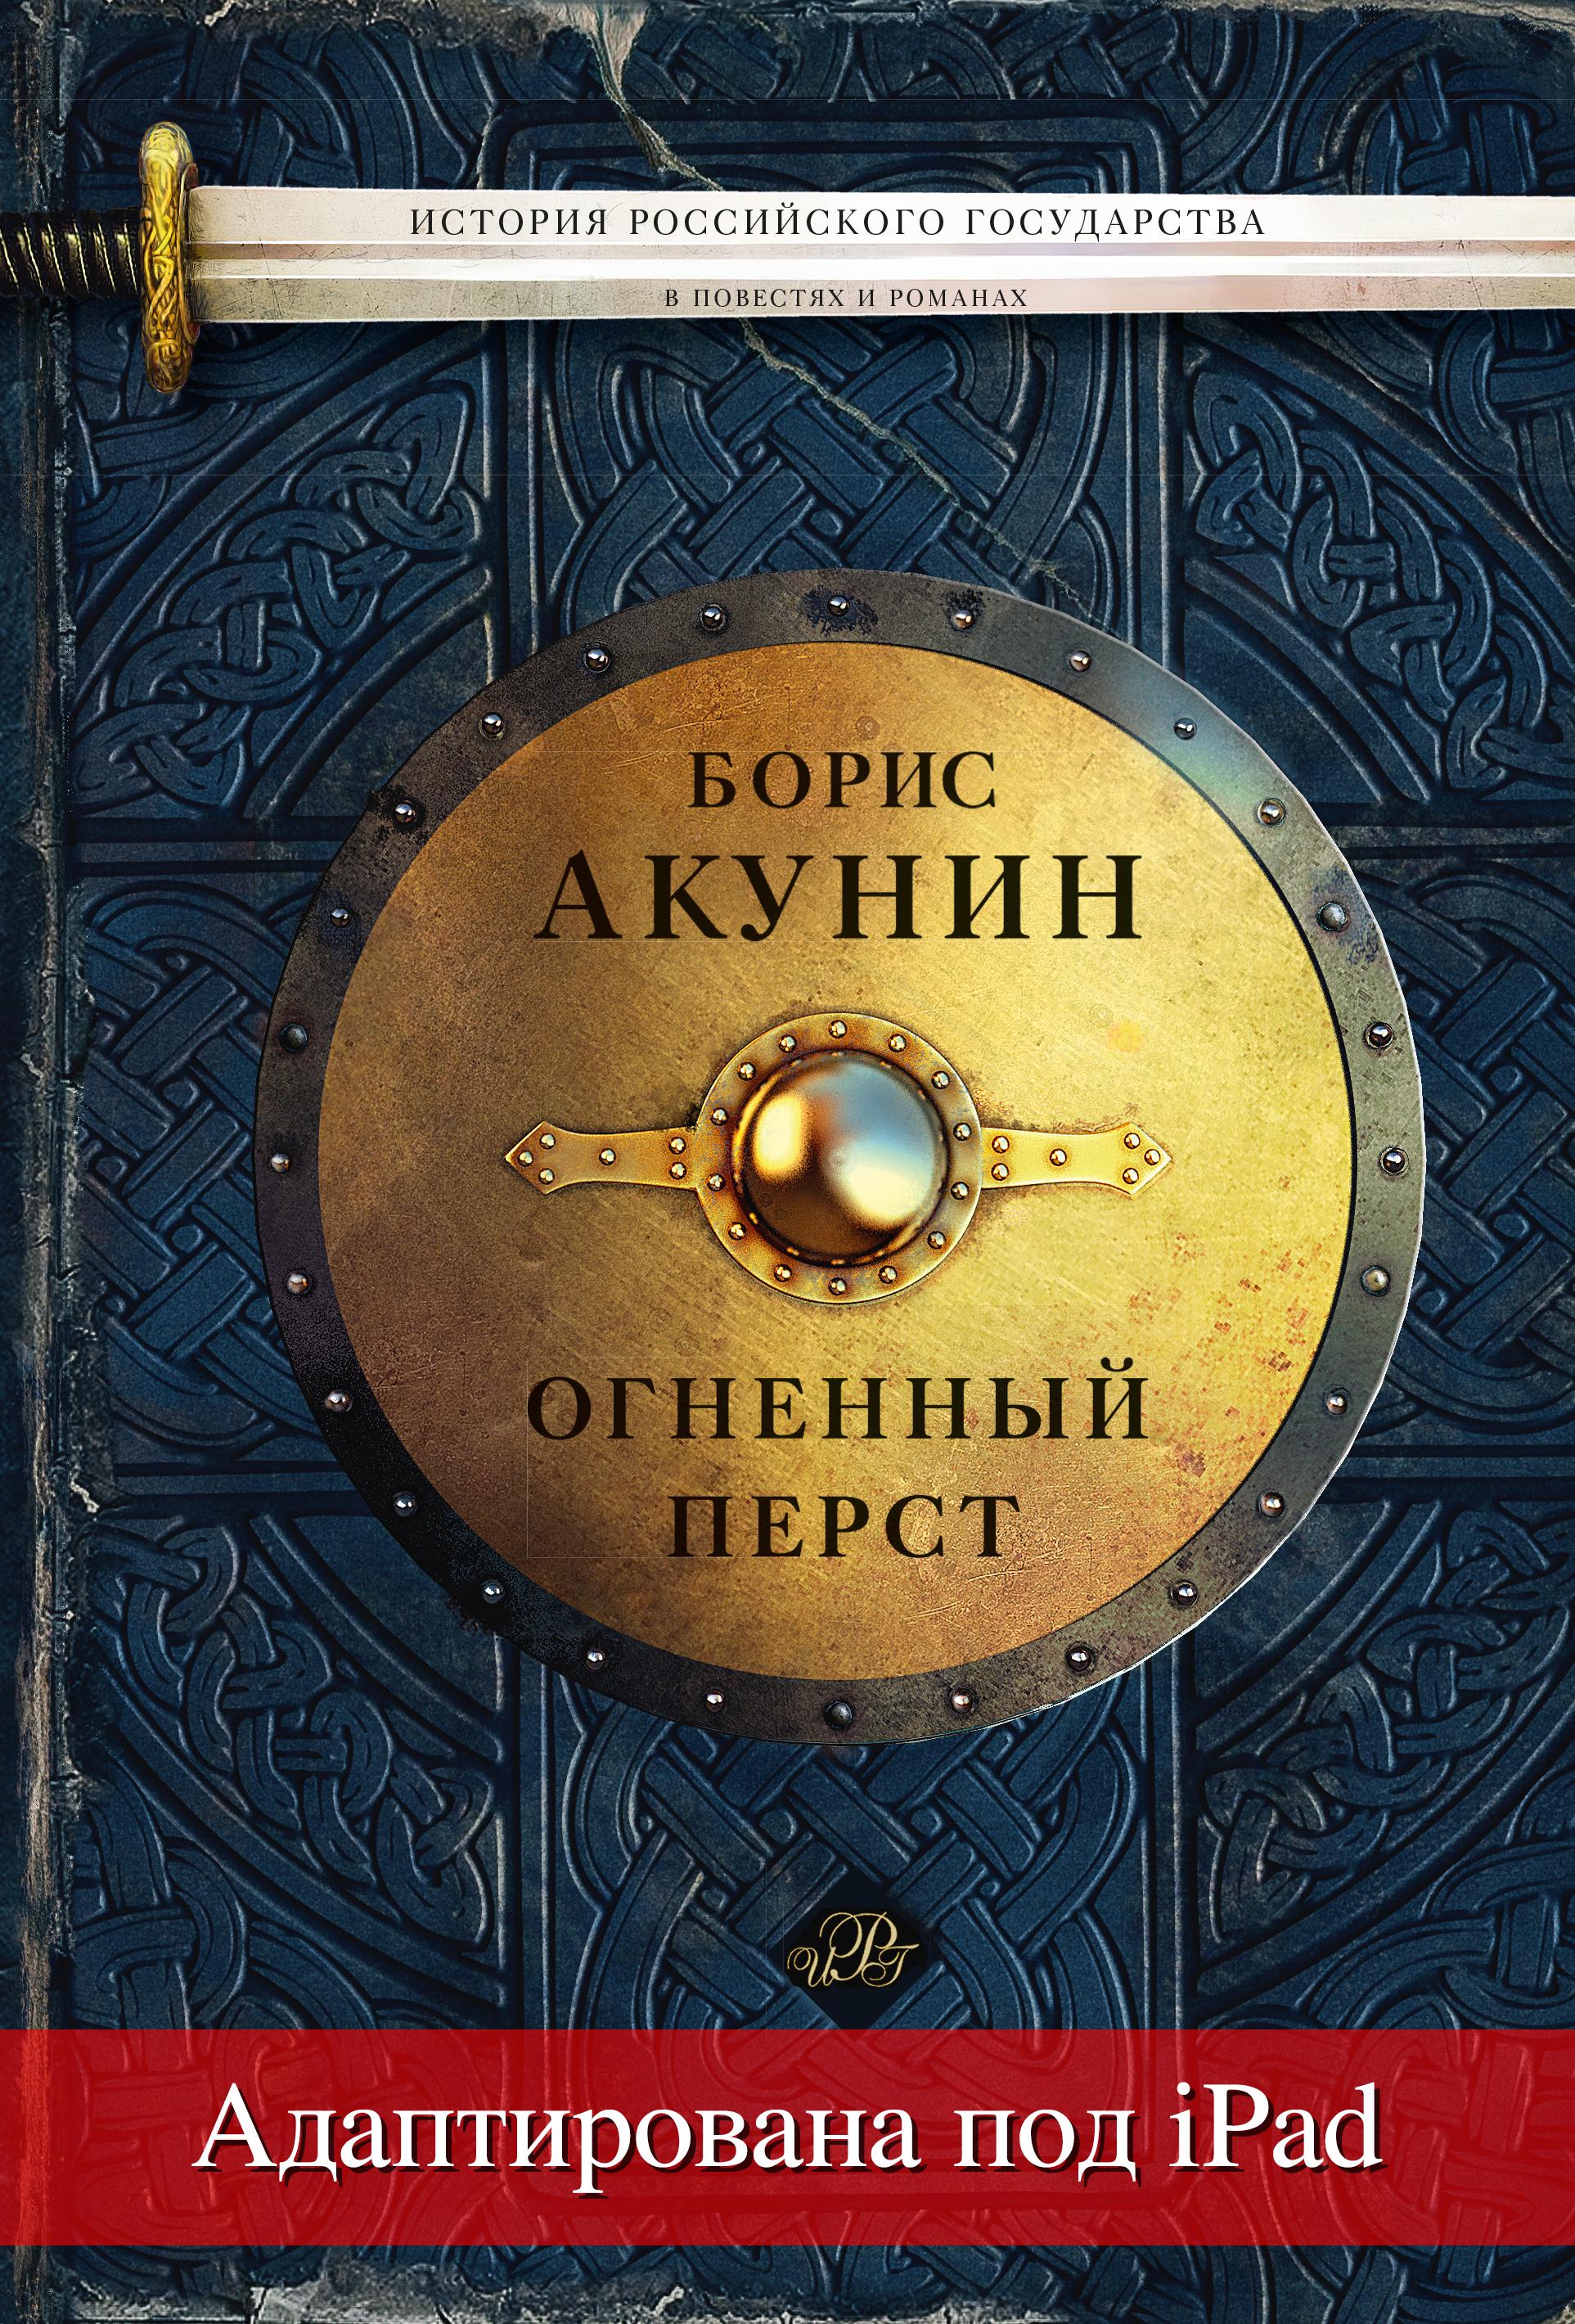 Борис Акунин Огненный перст (адаптирована под iPad) акунин борис огненный перст повести